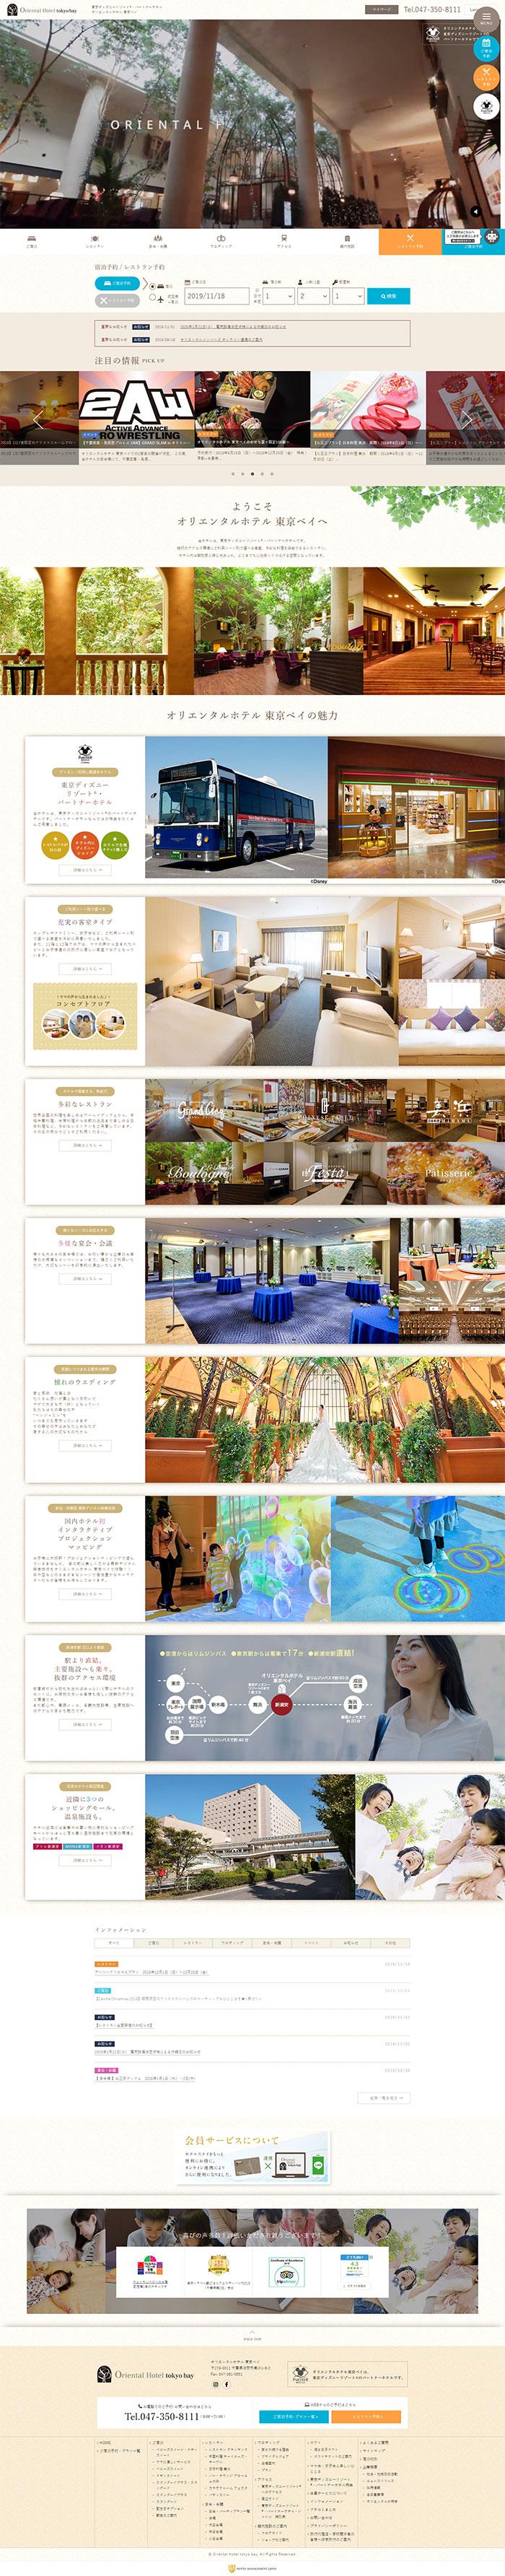 オリエンタルホテル東京ベイ【公式】東京ディズニーリゾート®パートナーホテル